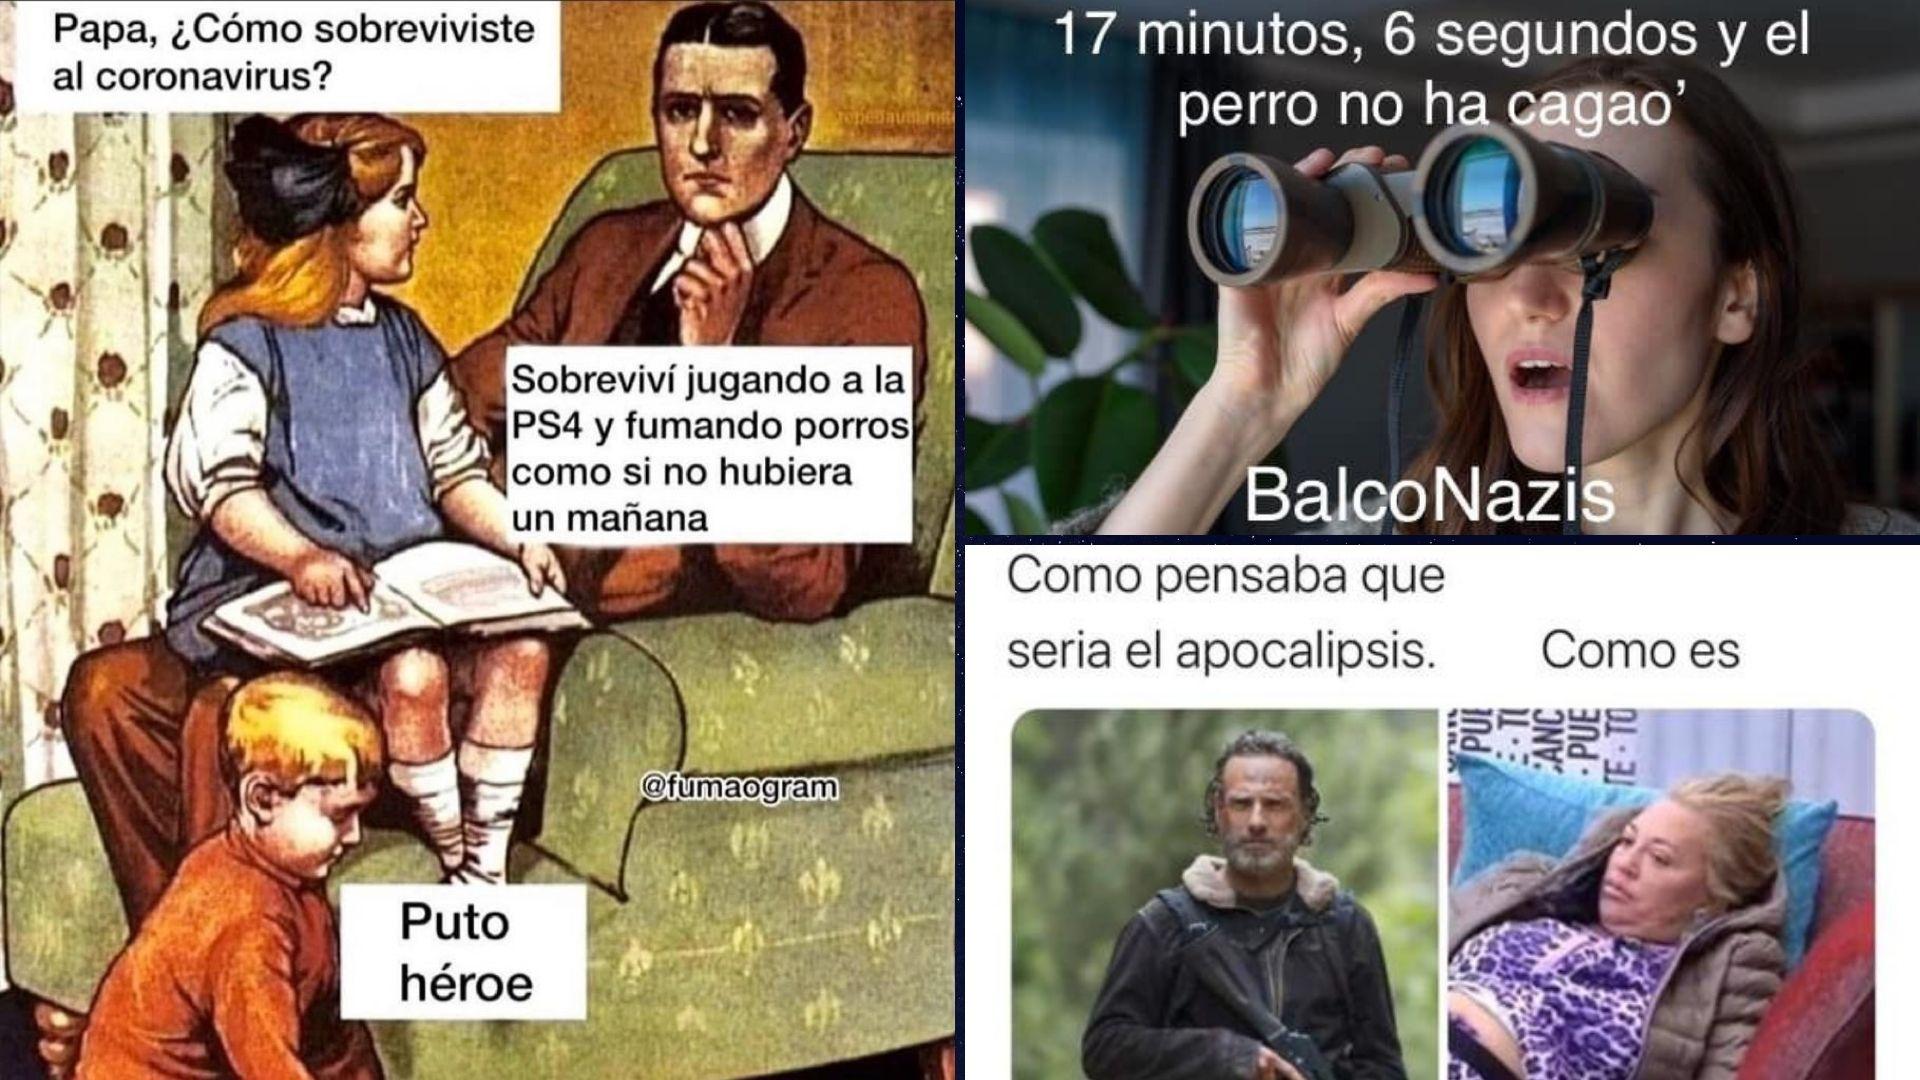 """Memes relacionados con la pandemia y el confinamiento por la COVID-19, que ilustran este post """"Exilio, olvido y desengaño. Algunas figuras del fracaso""""."""